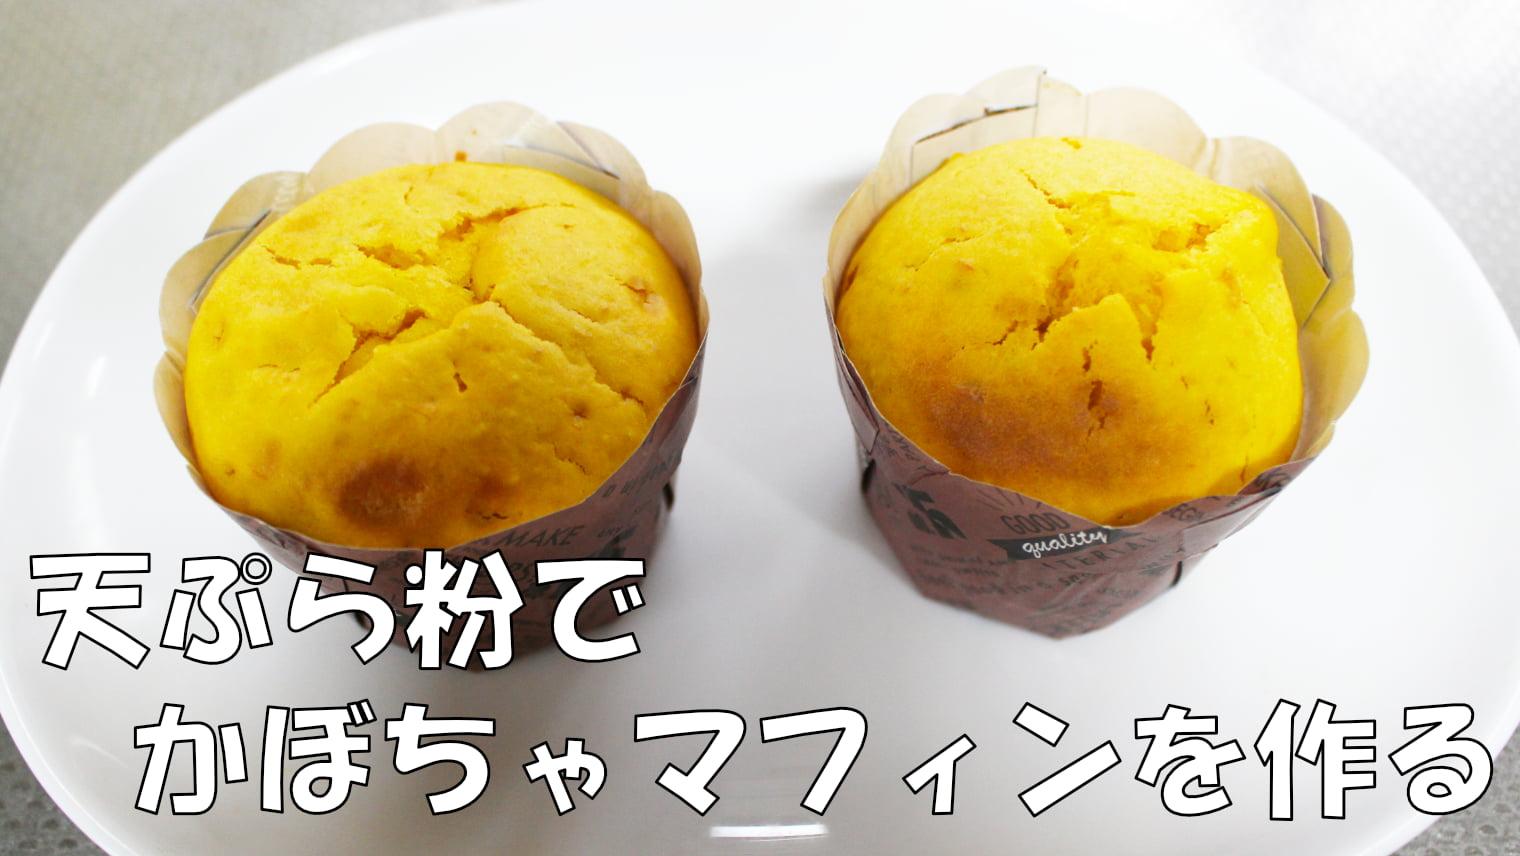 天ぷら粉で簡単!「かぼちゃマフィン」レシピ